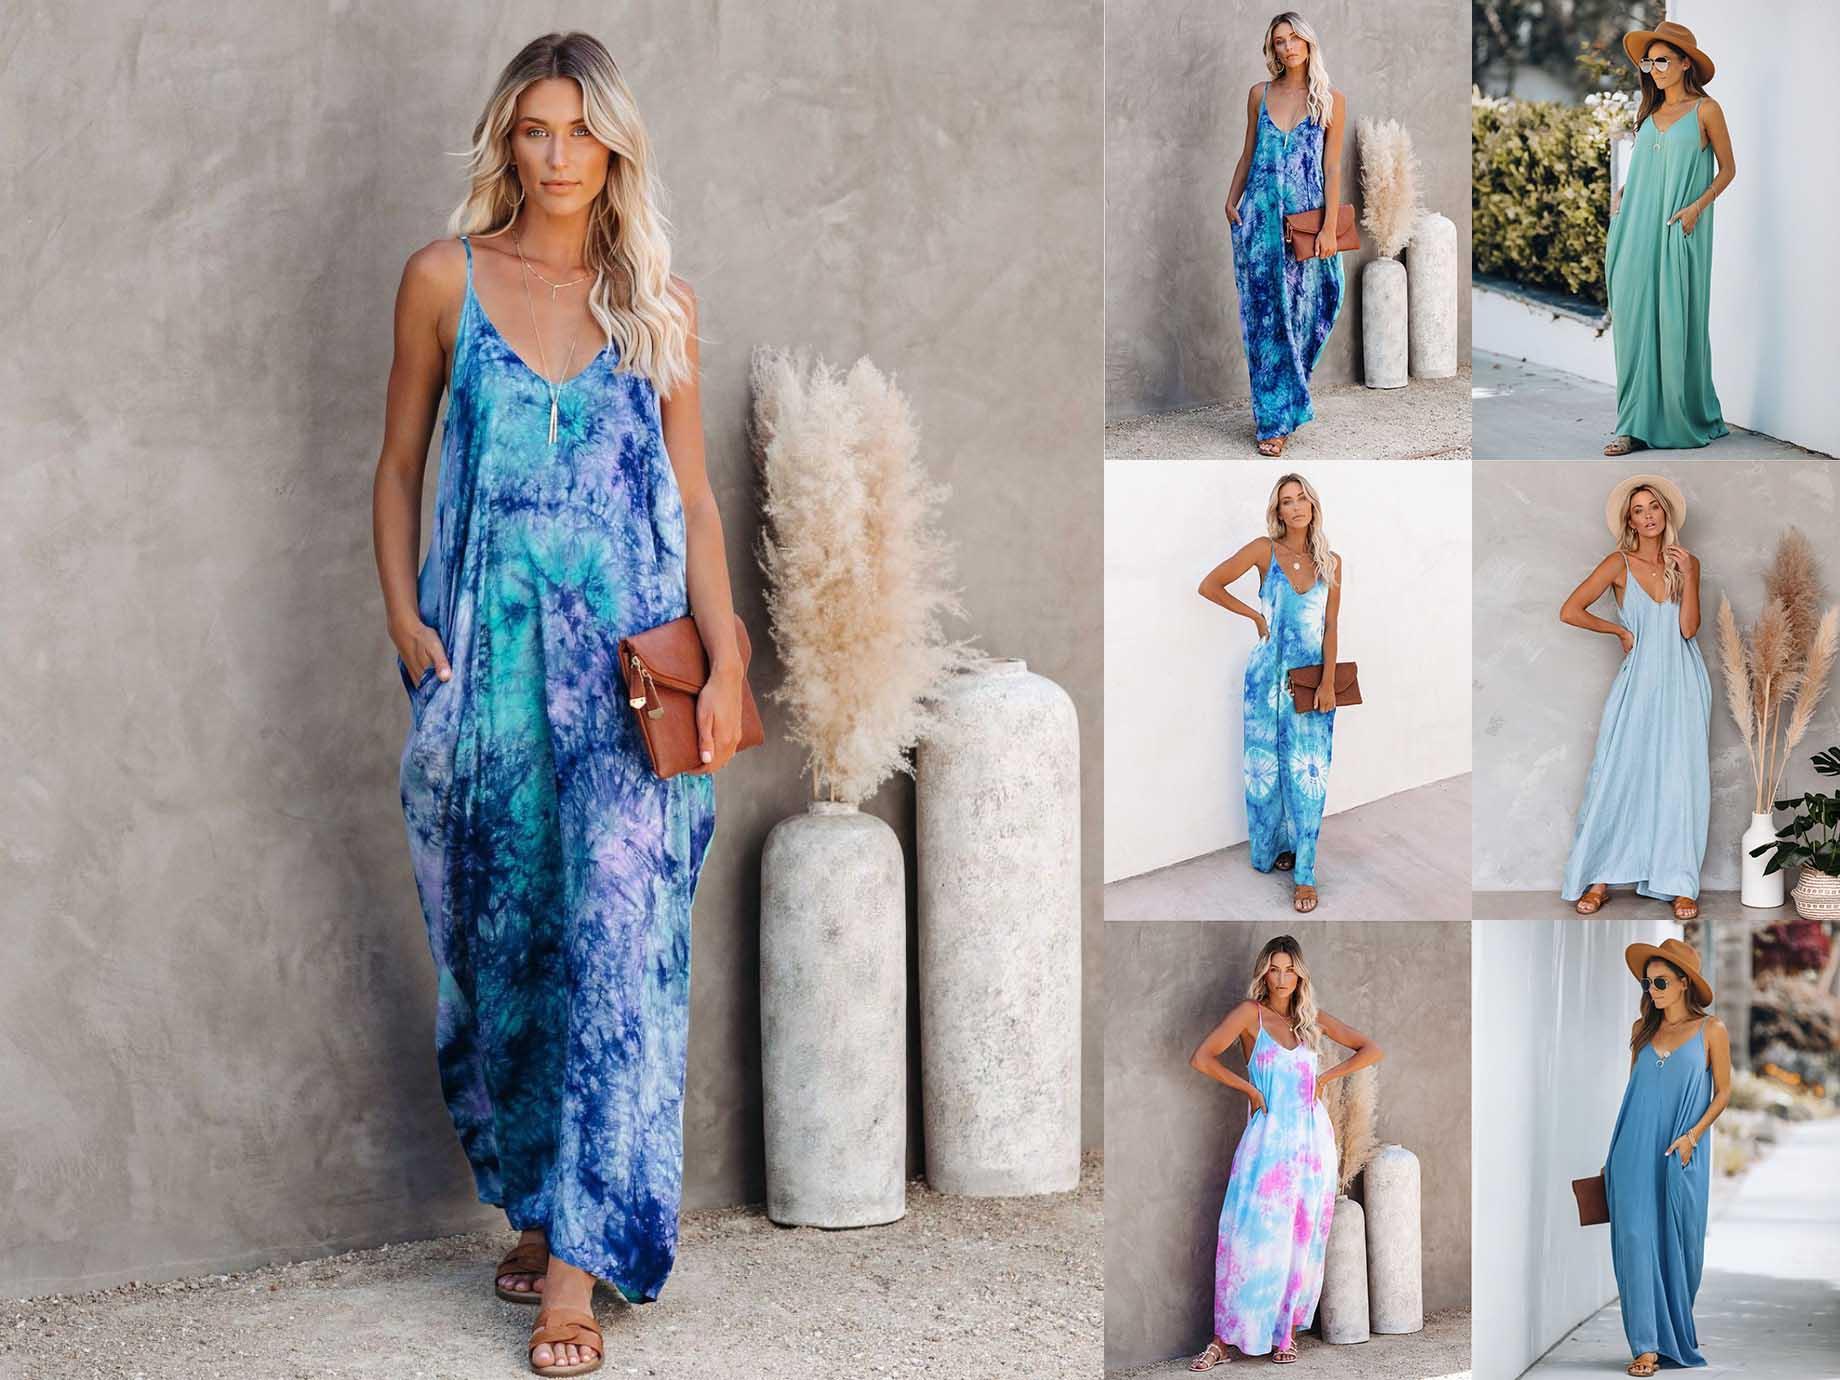 Günlük Elbiseler Bayanlar Moda Seksi Düşük Kesim V Yaka Kravat-Boya Baskılı Gevşek Baskı Elbise 6 Renkler S-2XL